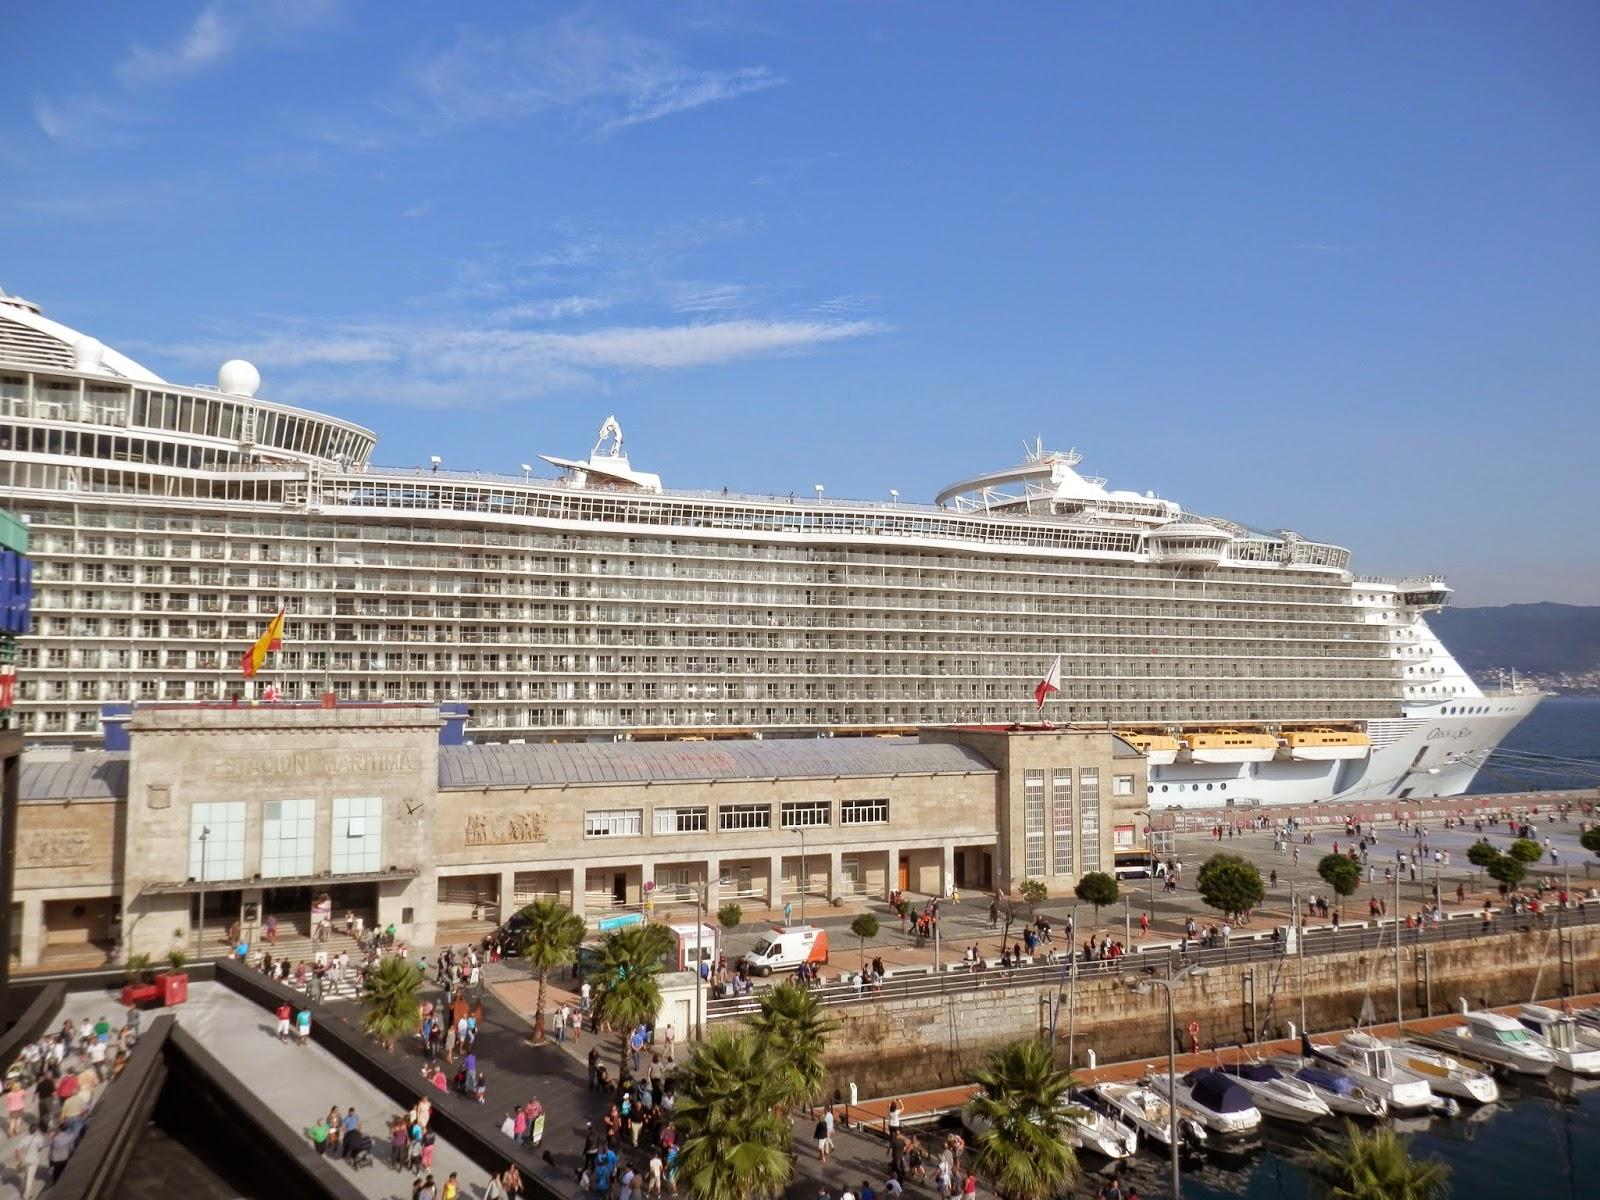 Oasis of the seas en vigo galicia pictures fotos de - Puerto de vigo cruceros ...